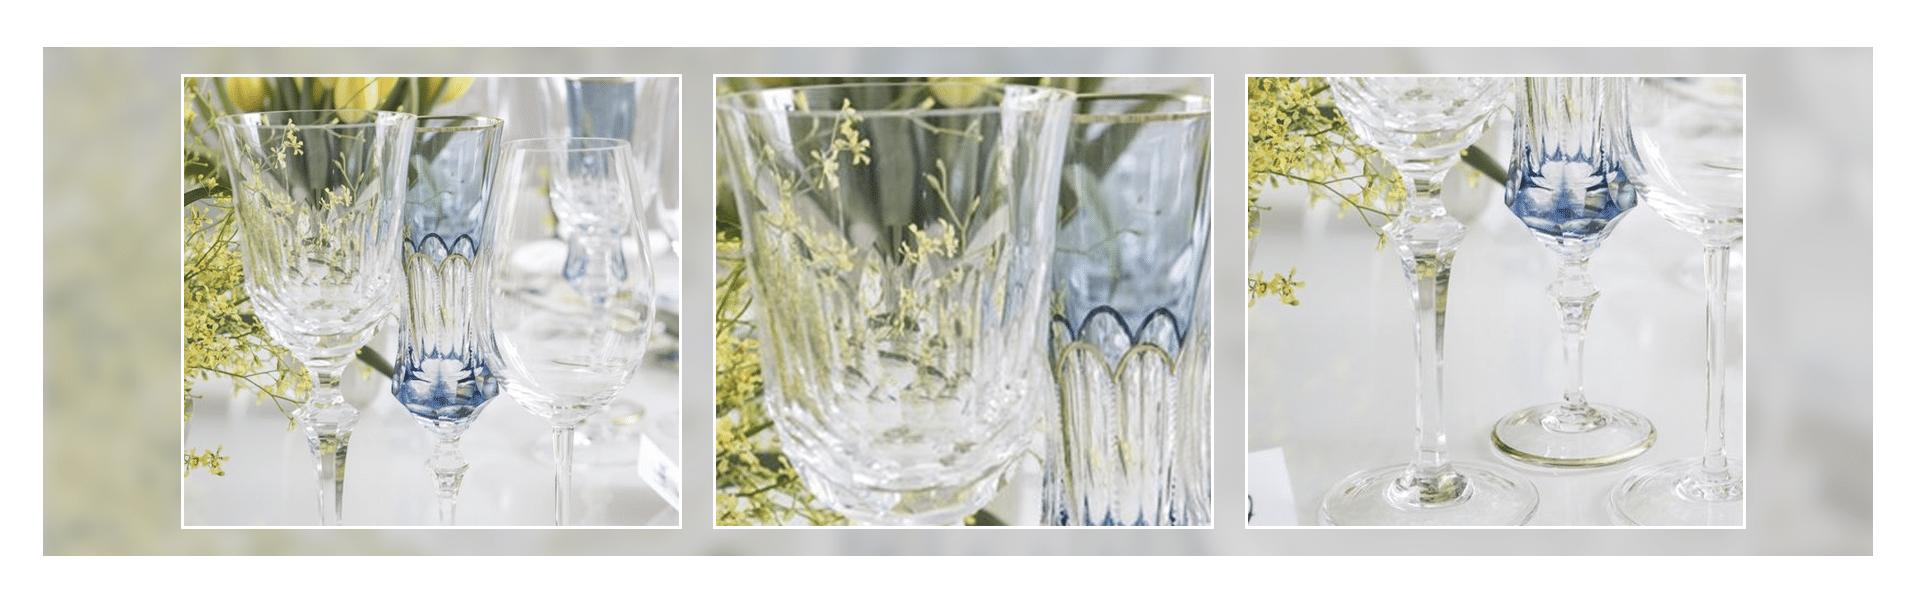 qual-diferenca-entre-cristal-e-vidro